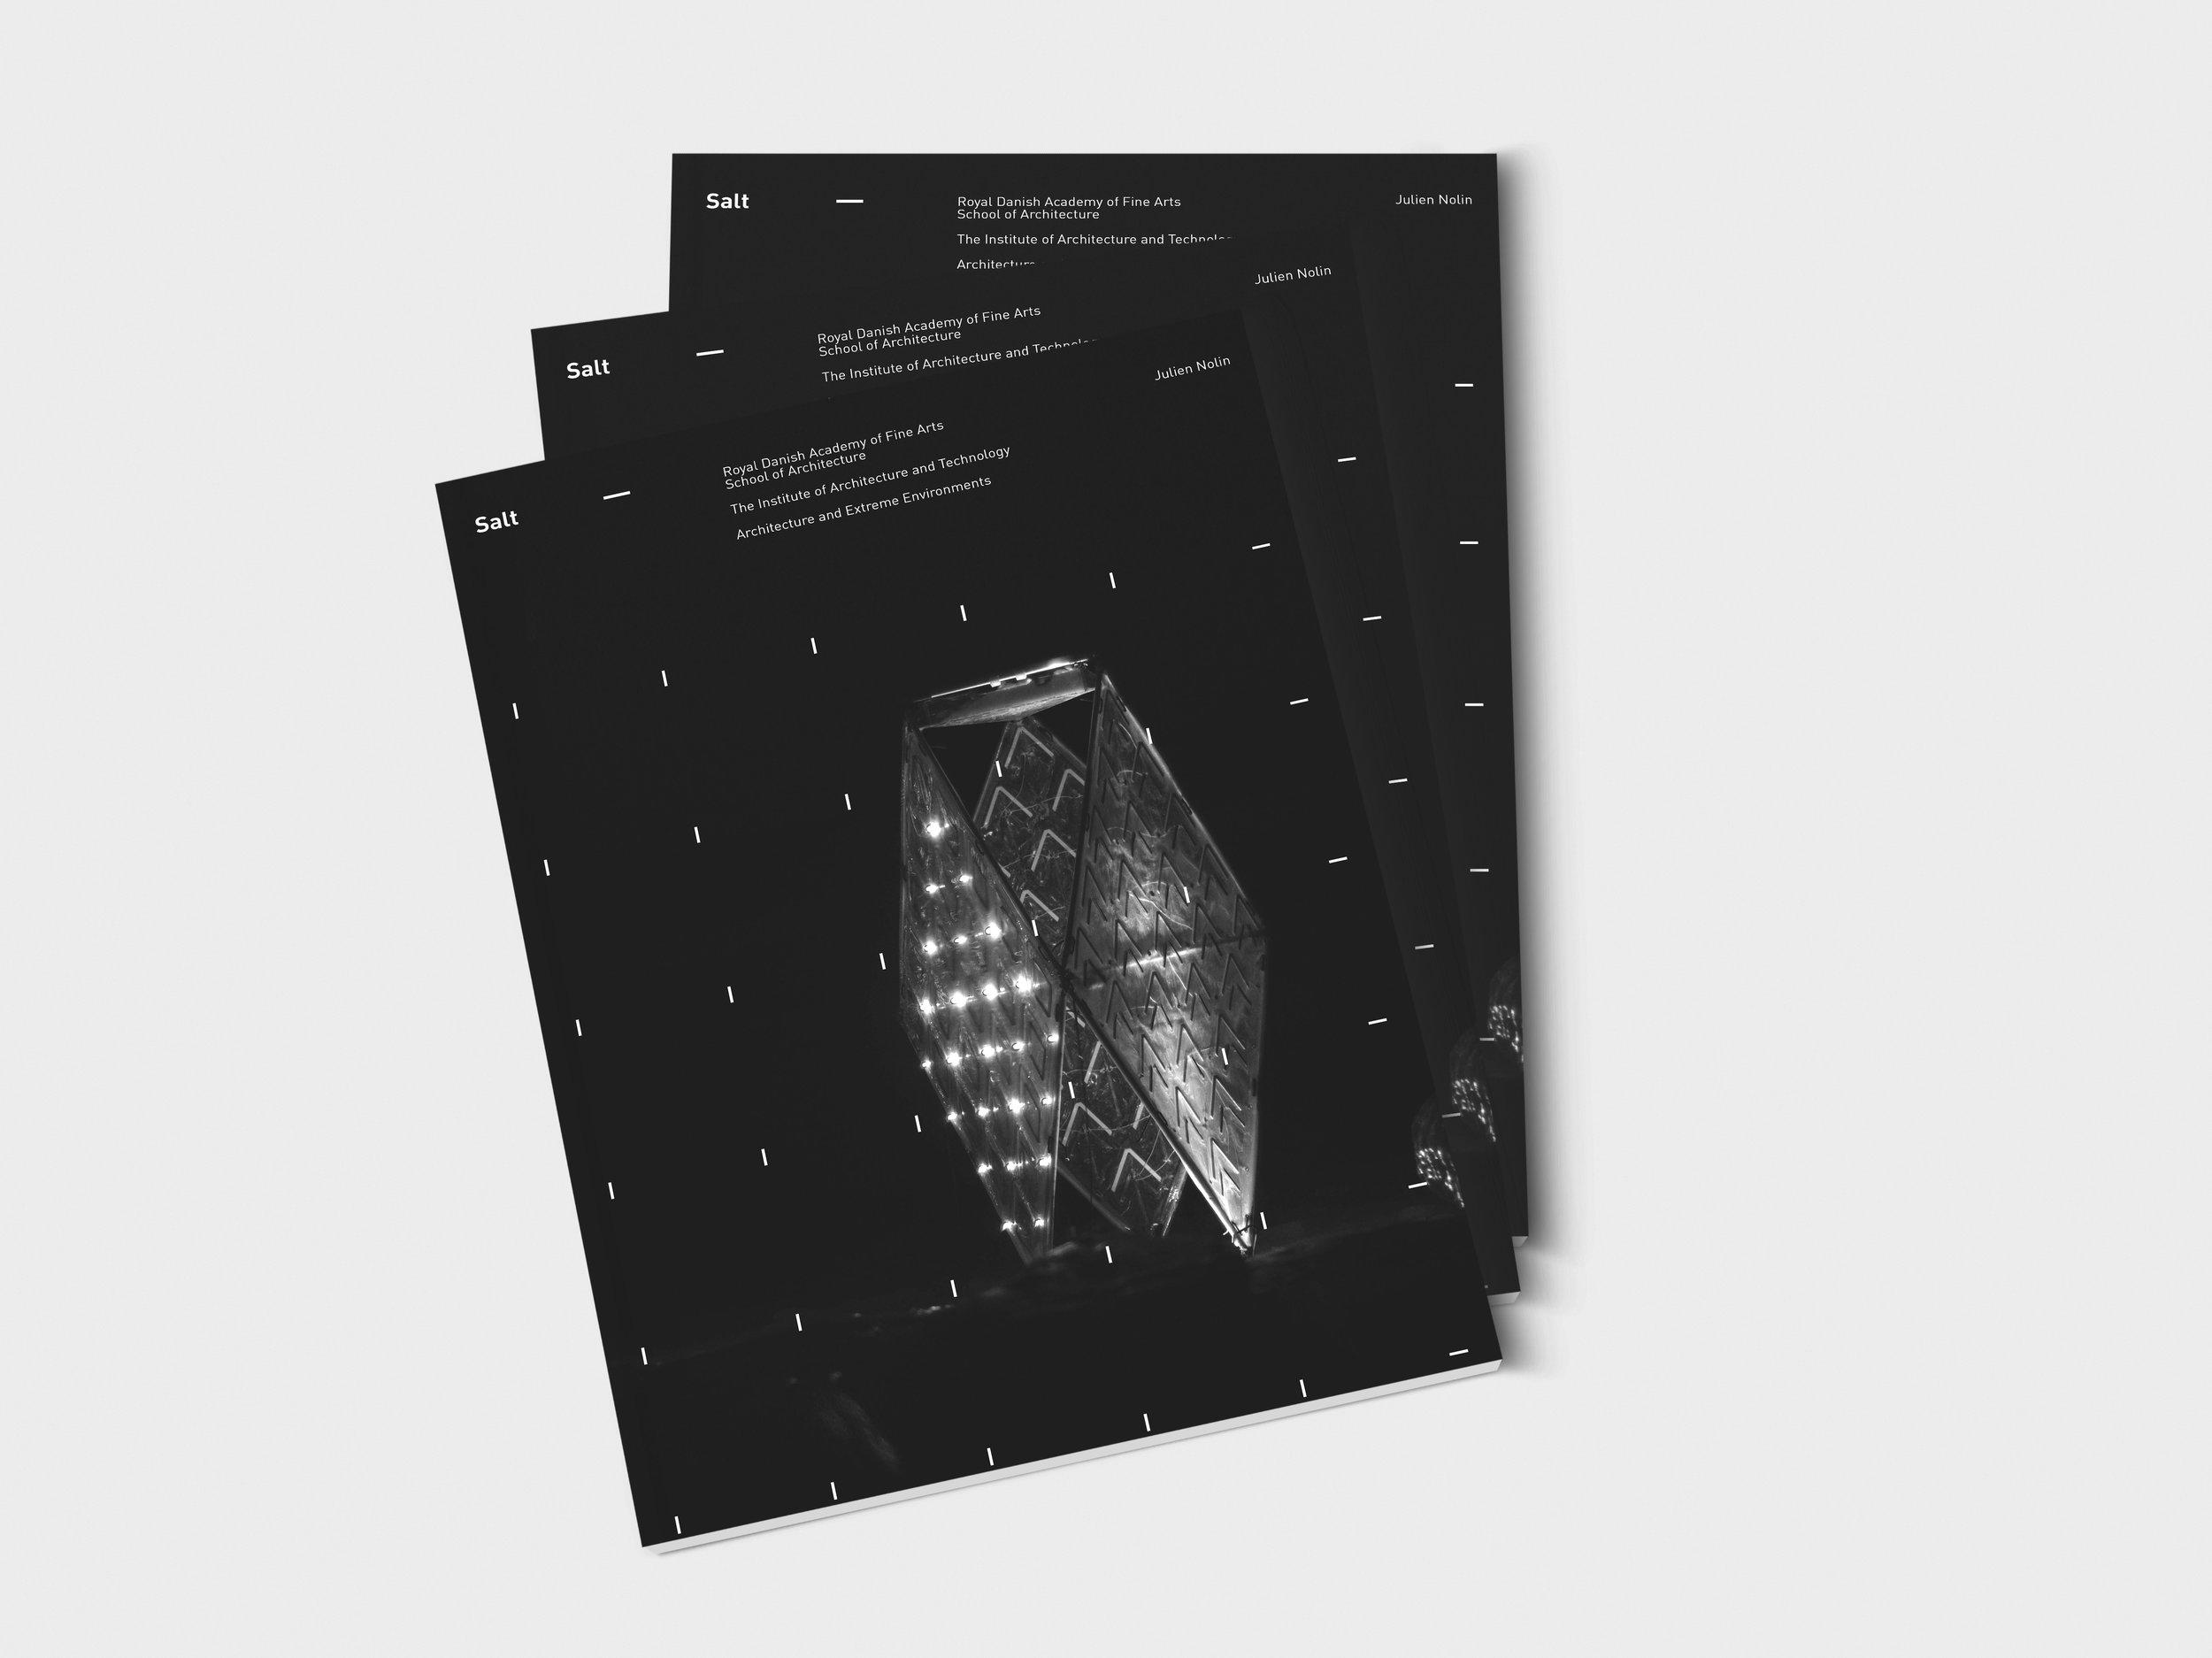 Julien Nolin Architecture Salt Portfolio 01